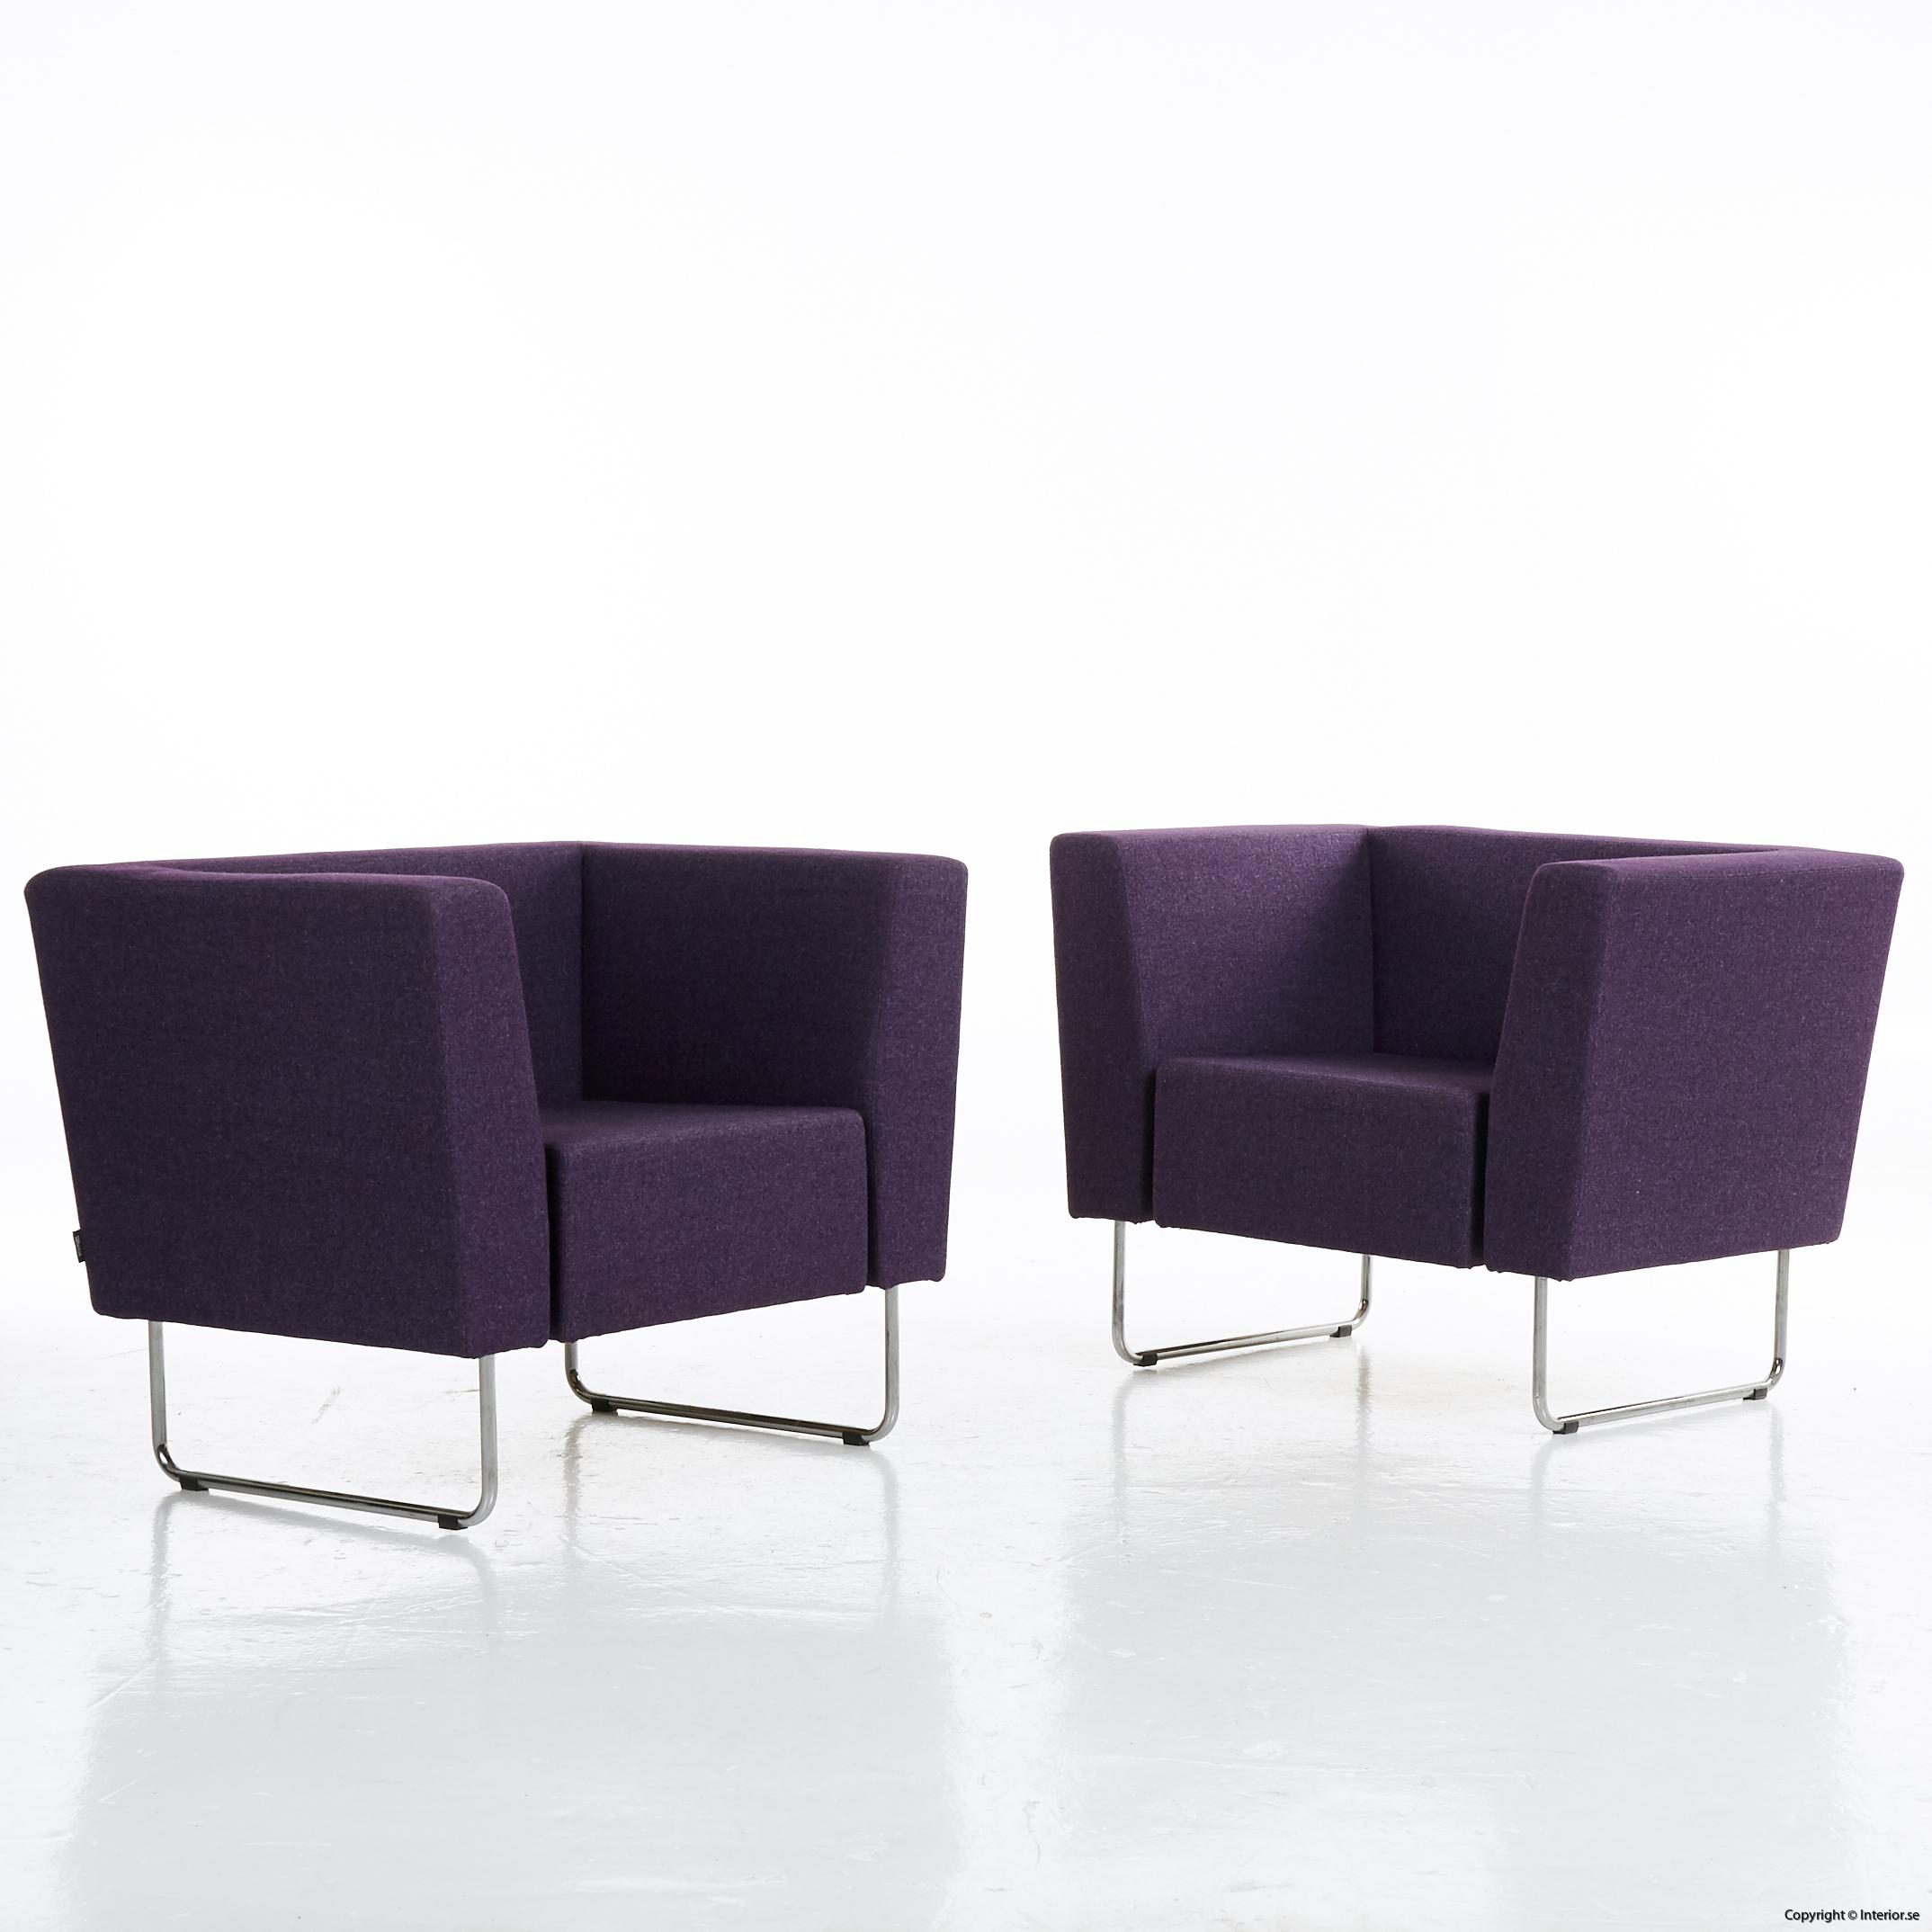 Fåtöljer, Swedese Gap Lounge begagnade designmöbler stockholm sverige